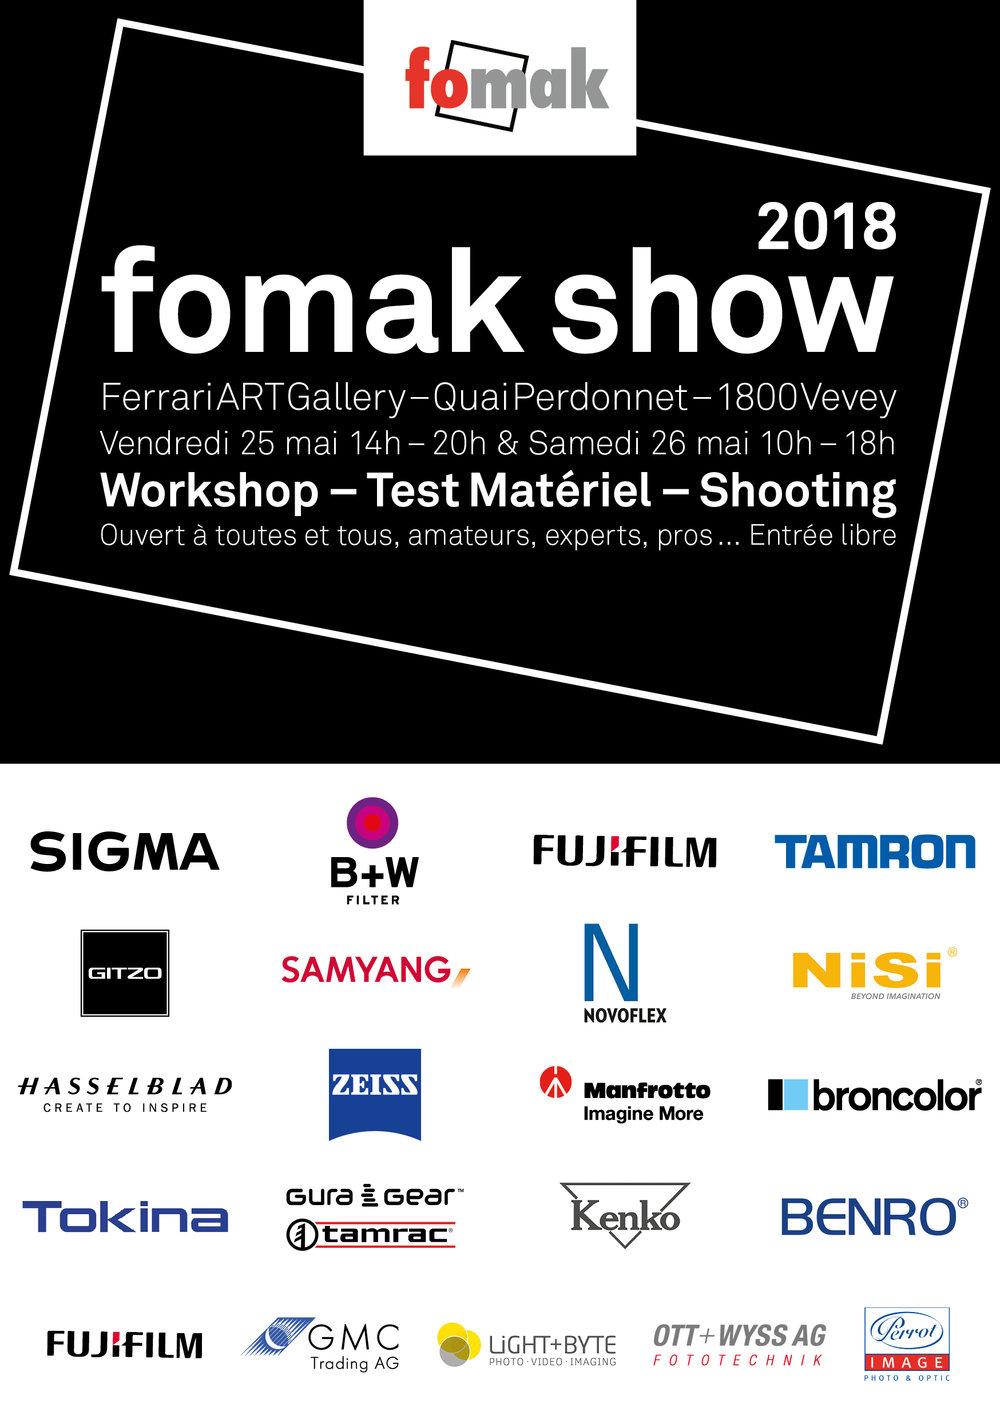 A5_hoch_fomak_show.jpg